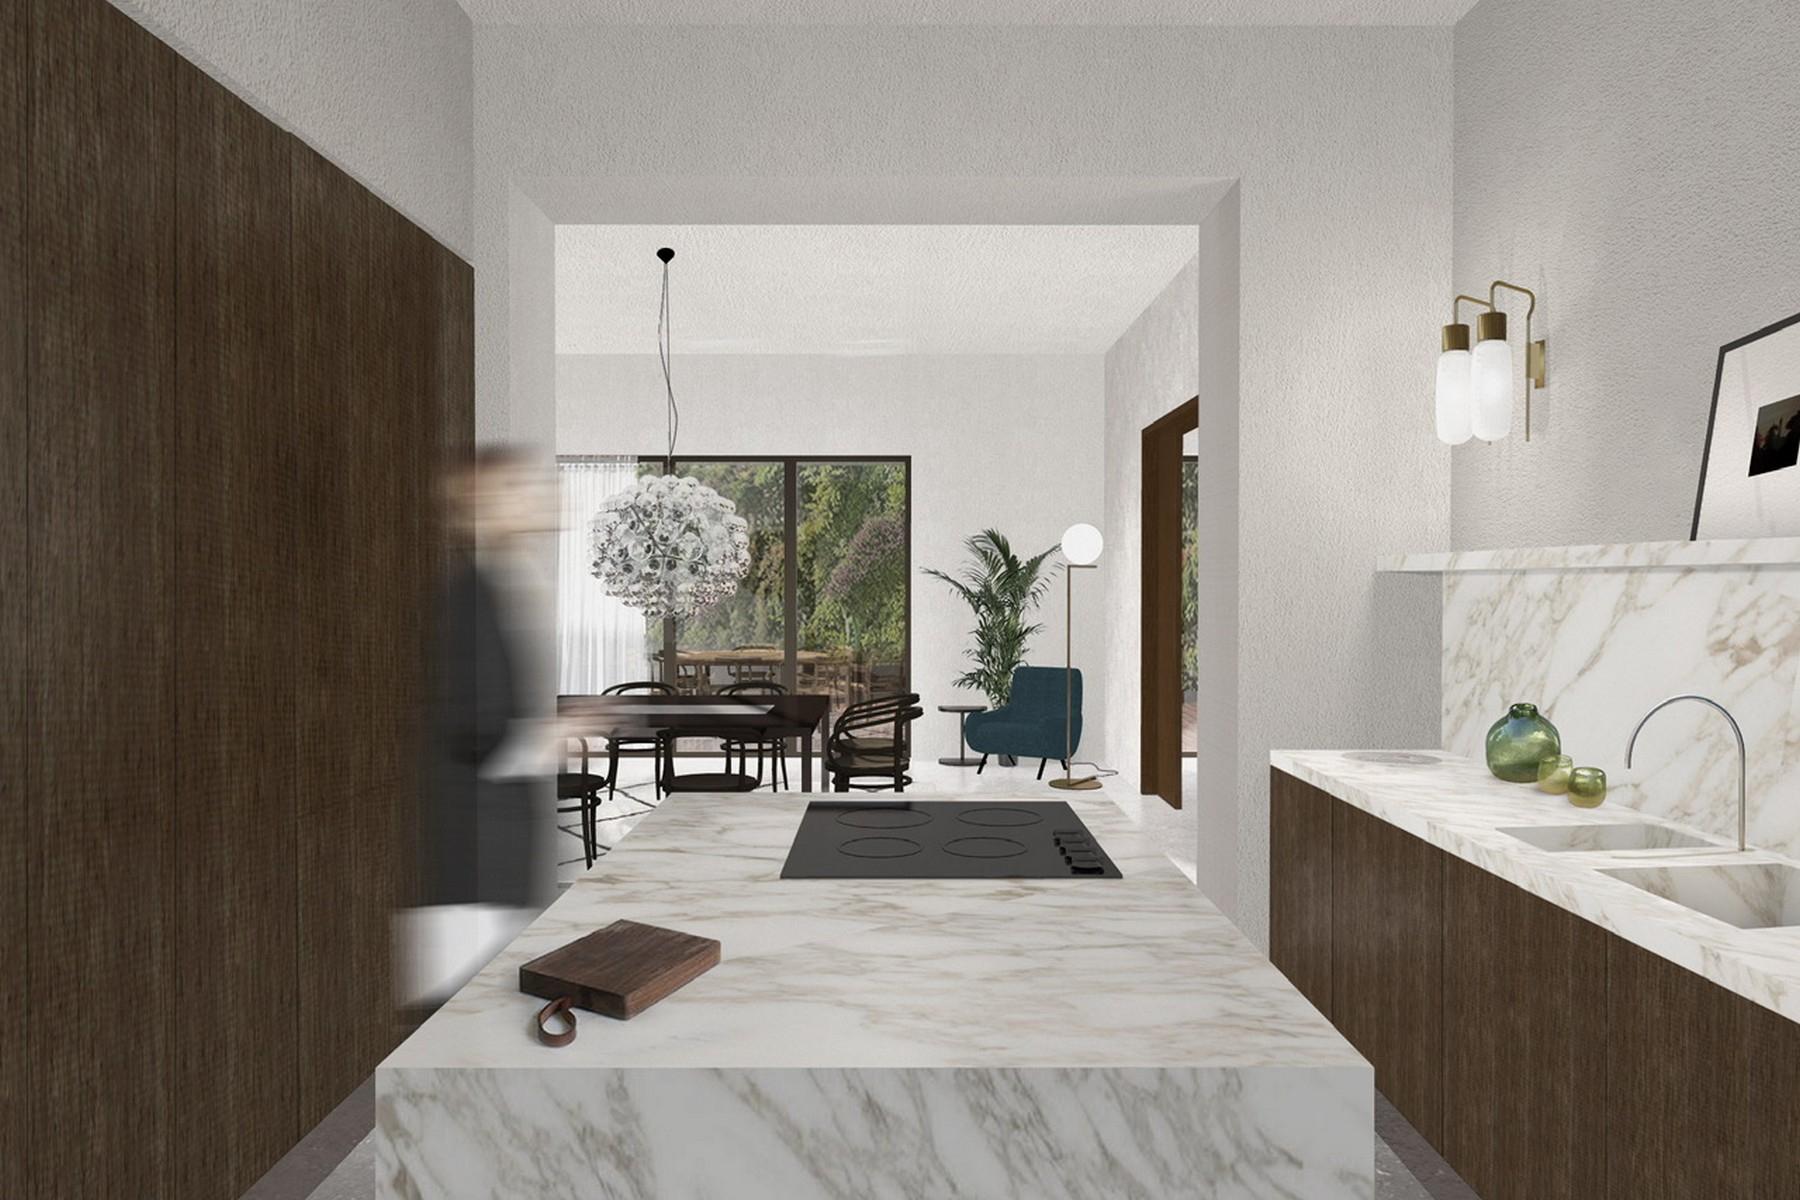 Casa indipendente in Vendita a Milano: 5 locali, 590 mq - Foto 5